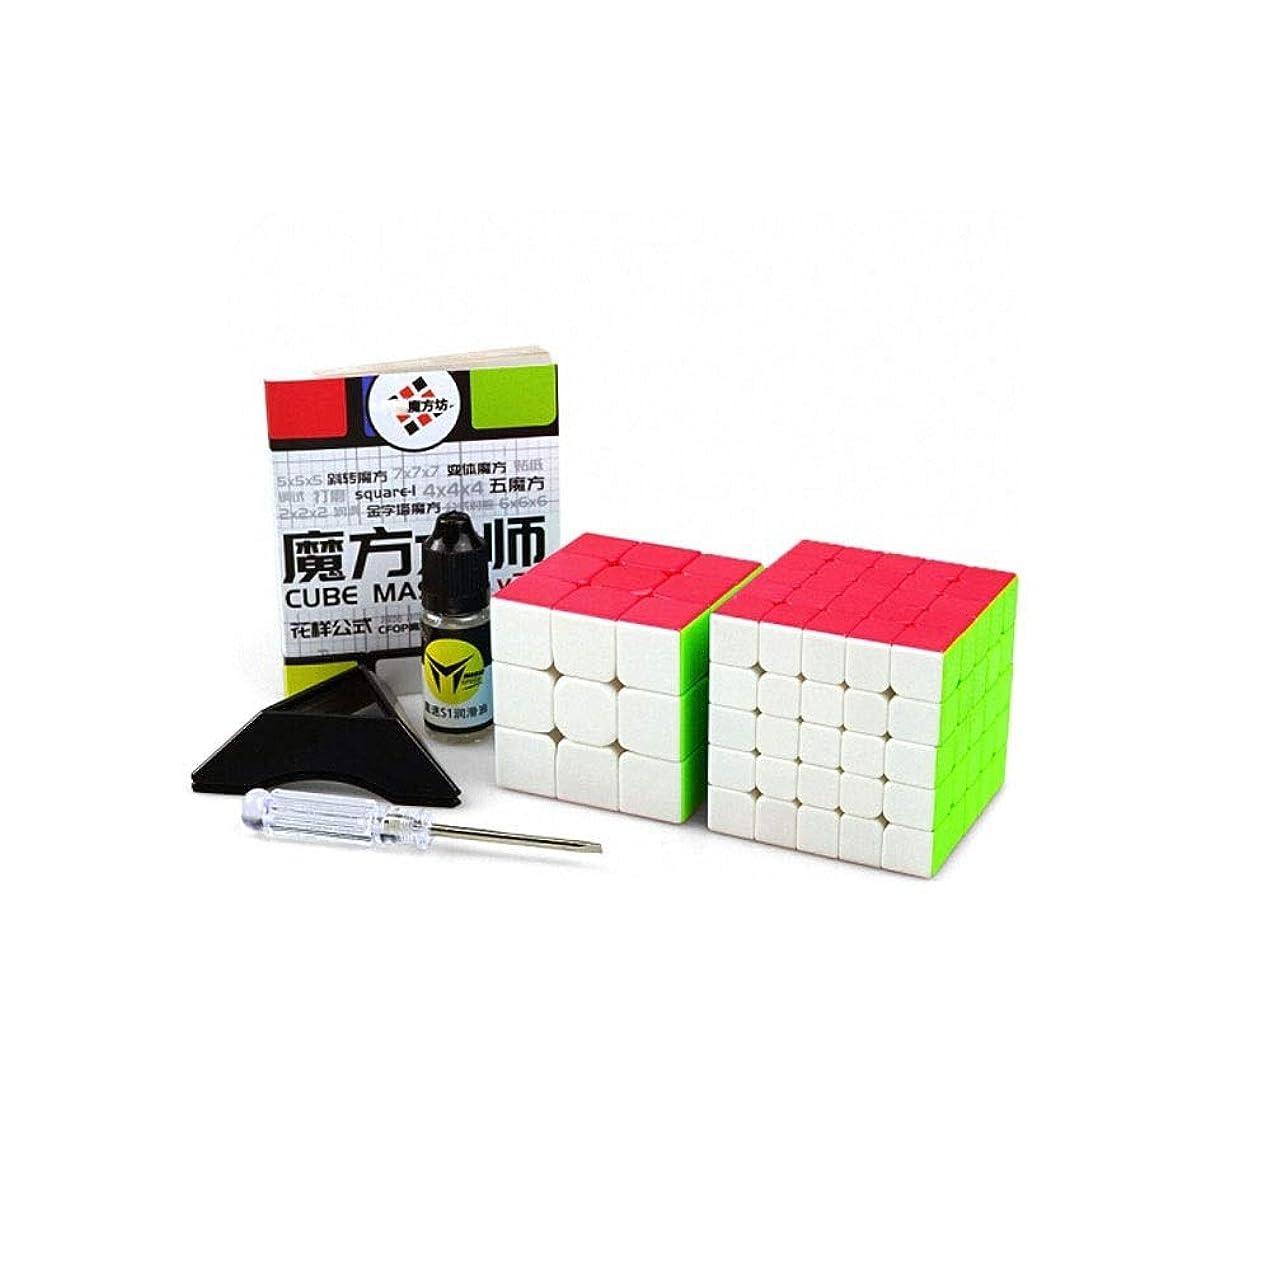 恐ろしい無知操るJielongtongxun ルービックキューブ、快適なルービックキューブを使用した、高品質で滑らかな体験、安全で環境に優しいデザイン、ギフトとして使用可能(3次/ 5次) 美しい (Edition : Third order and Fifth order)